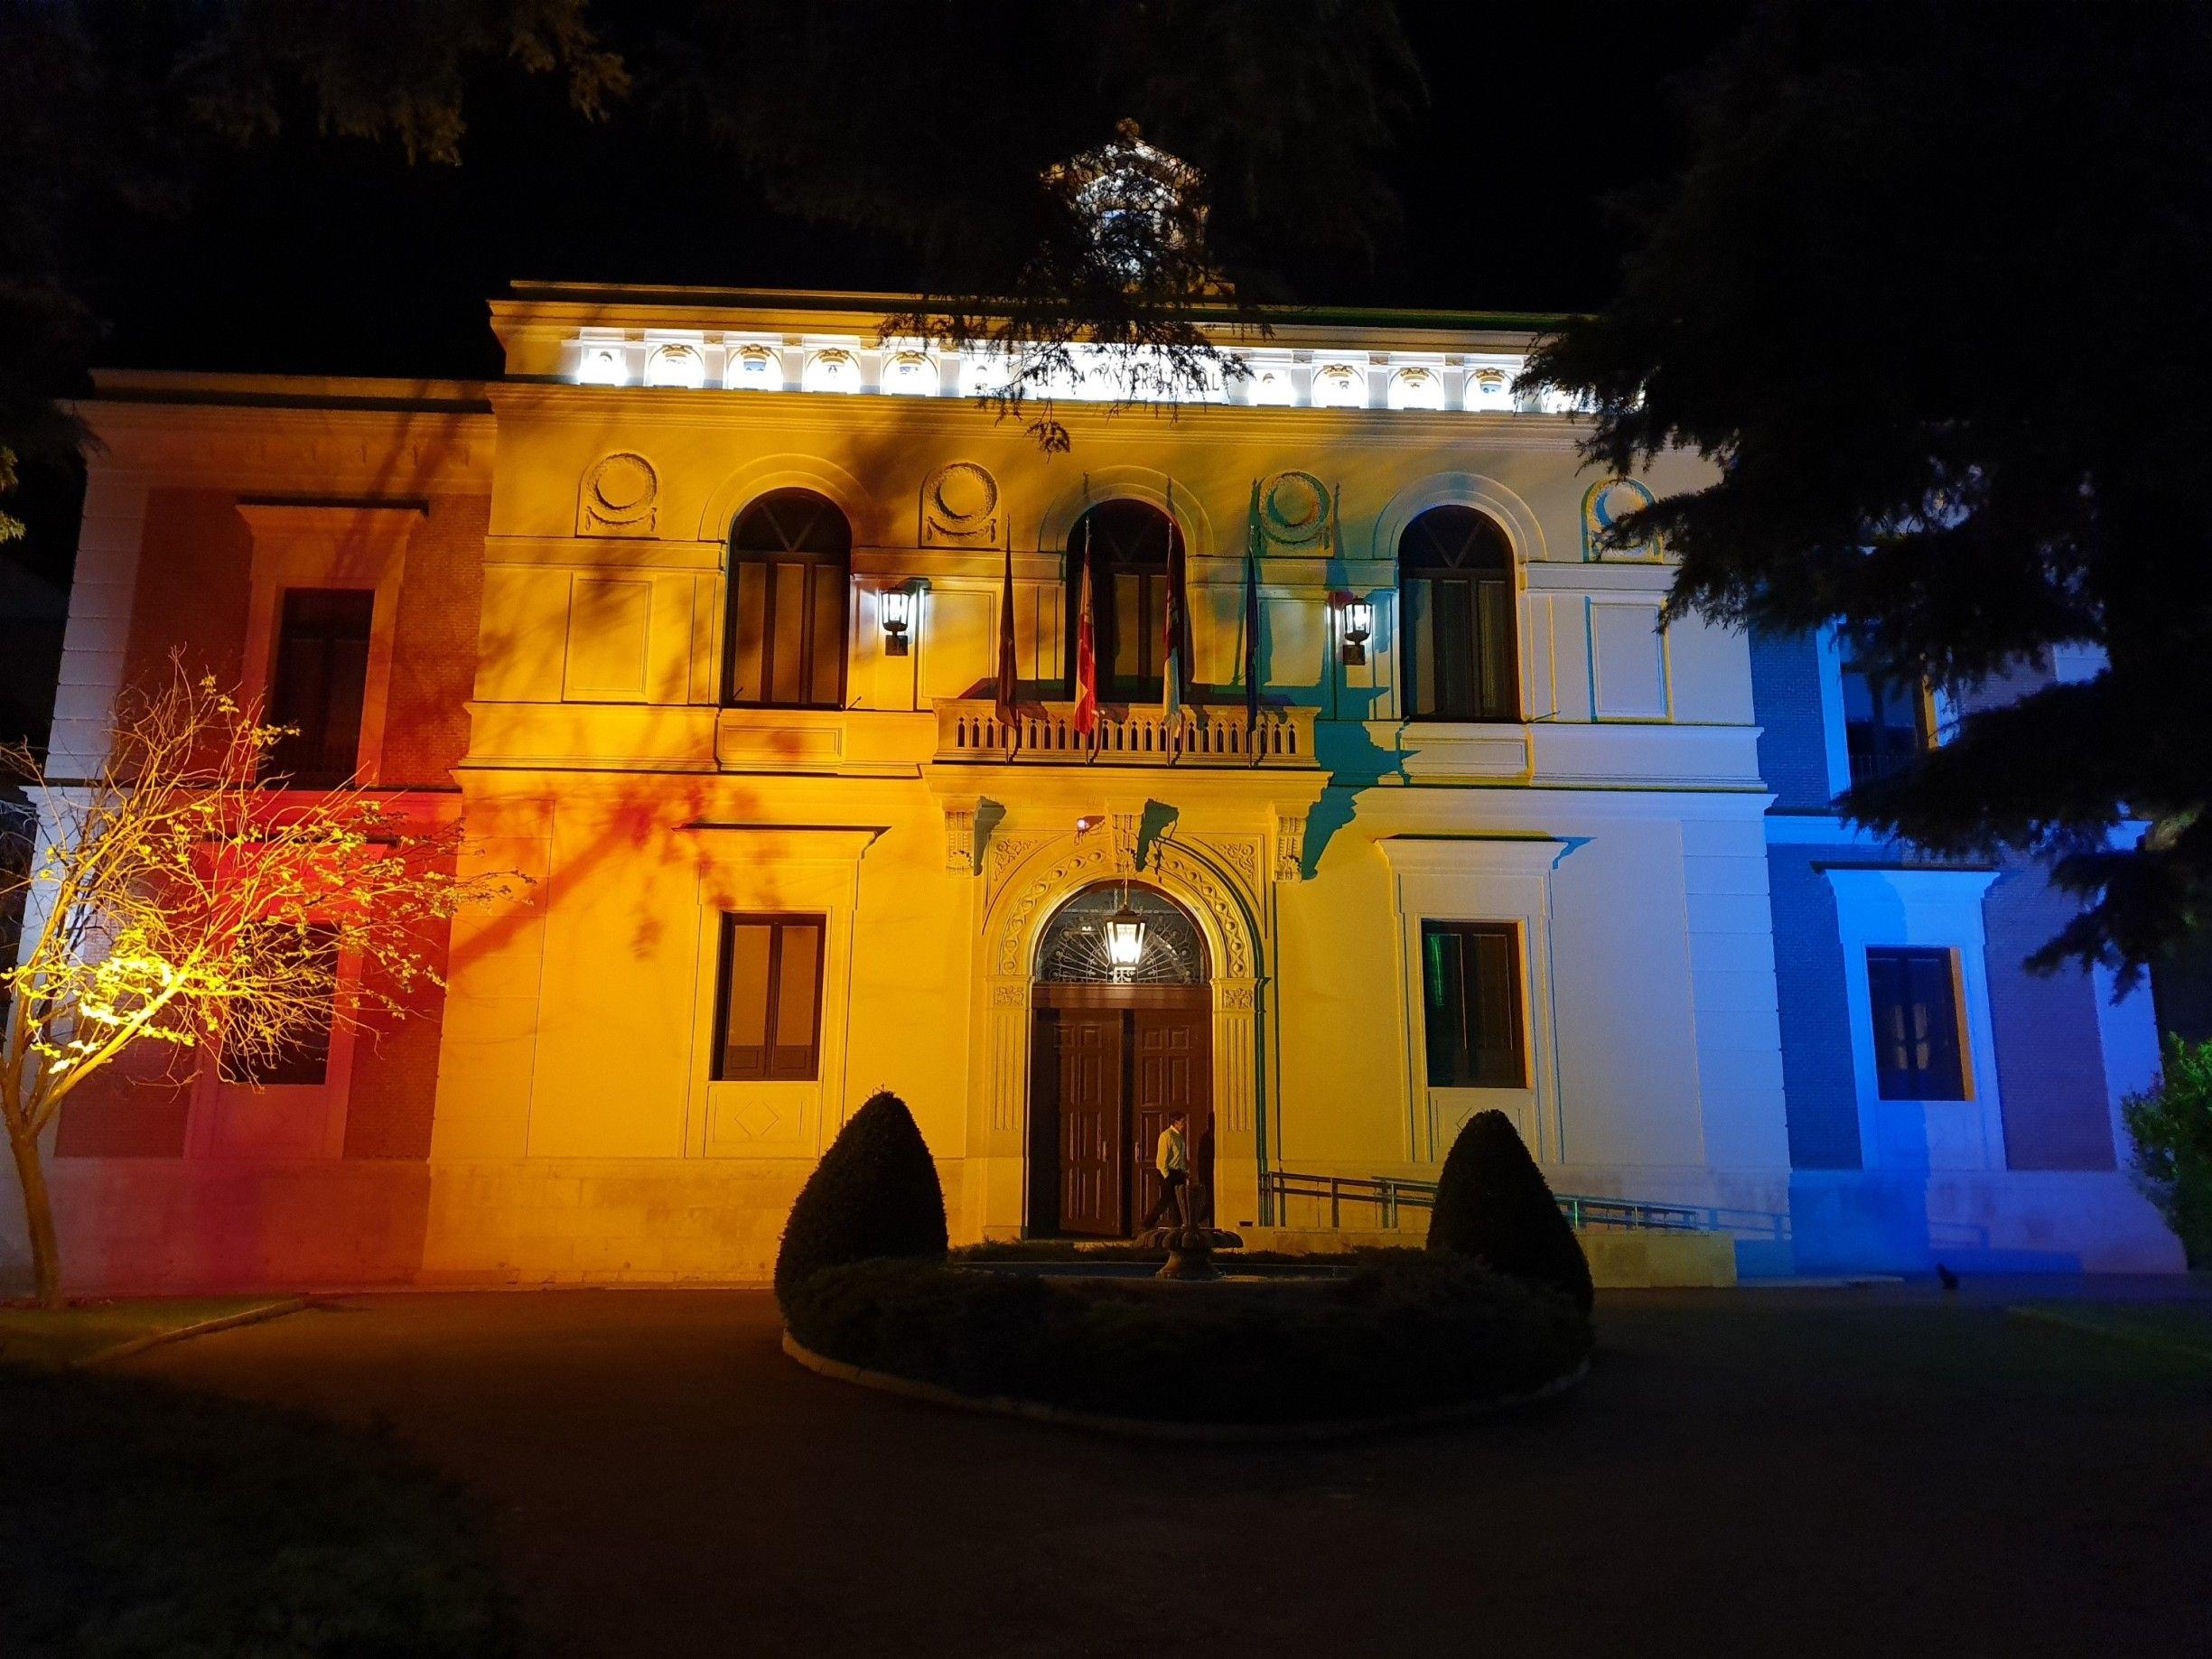 La Diputación ilumina su fachada con los colores arcoíris del Orgullo LGTBI a partir de esta noche